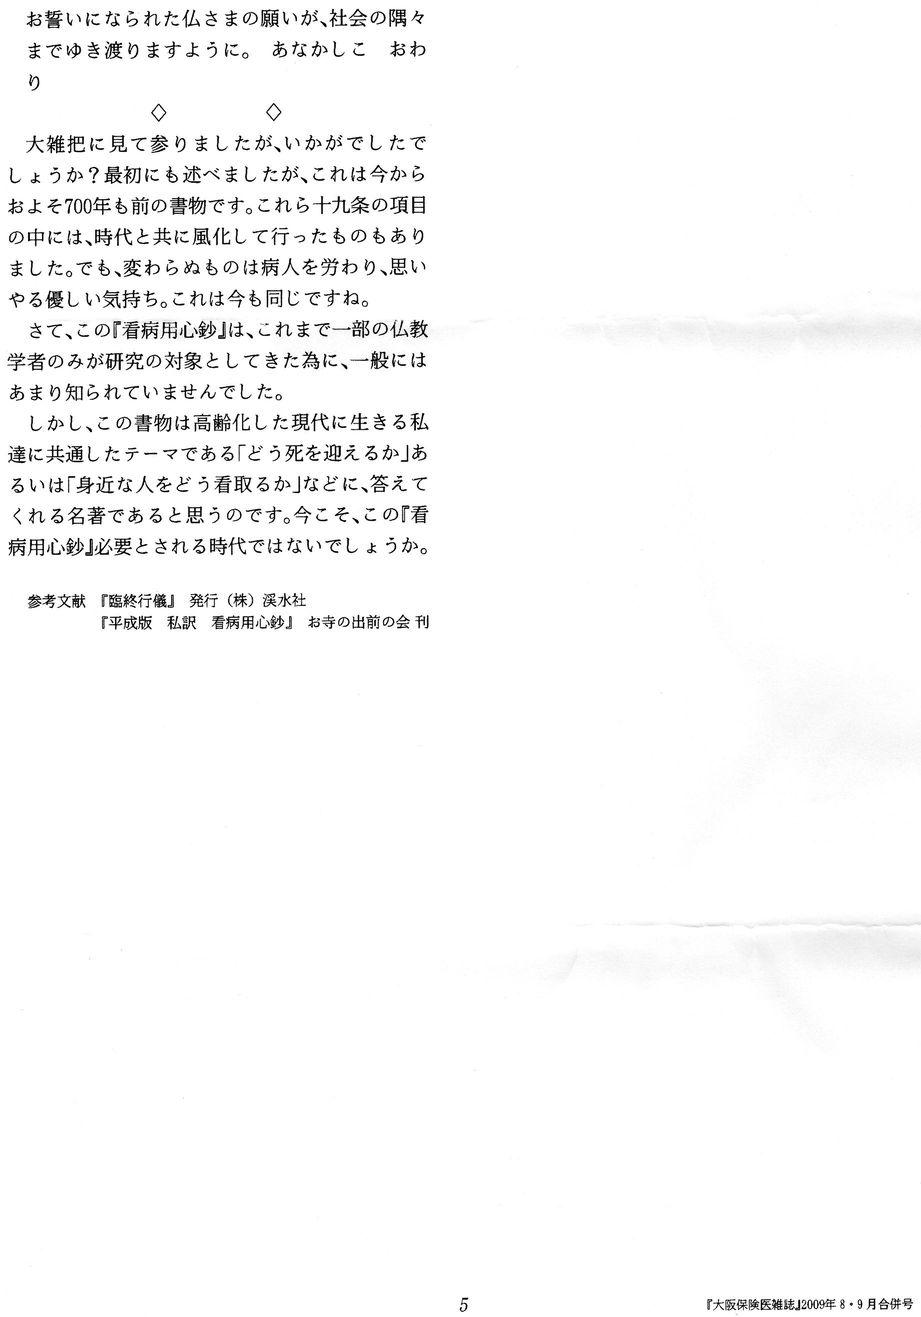 ファイル 373-4.jpg